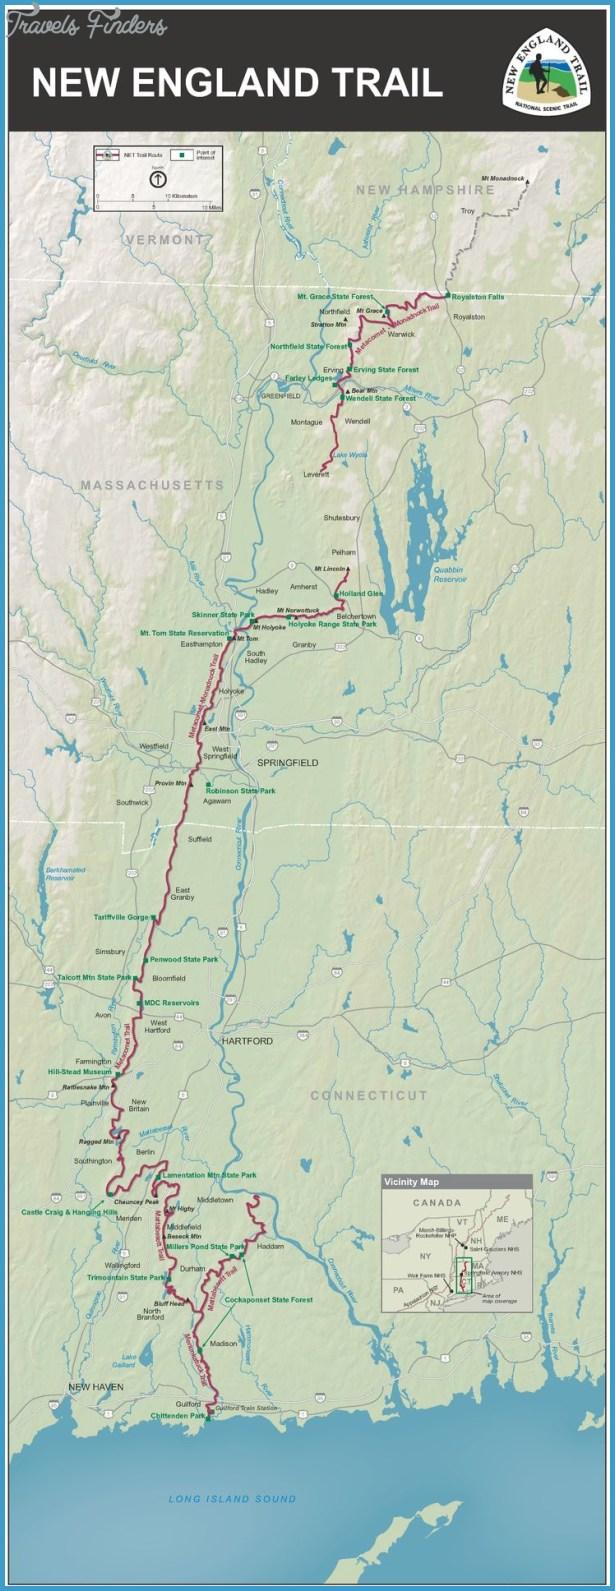 Connecticut Hiking Trail Maps_12.jpg